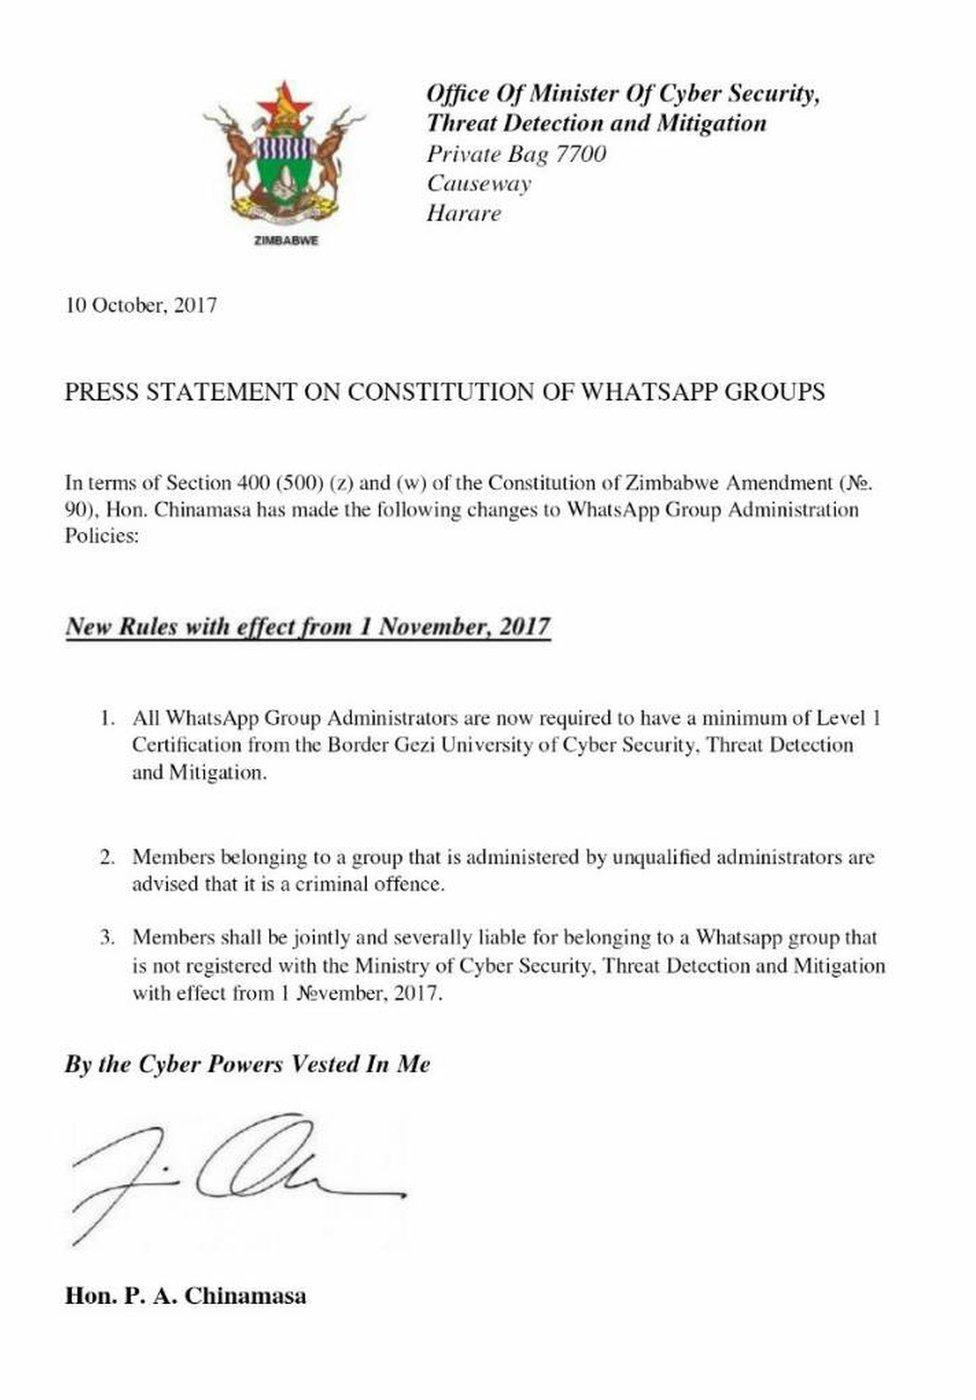 Carta parodiando nombramiento